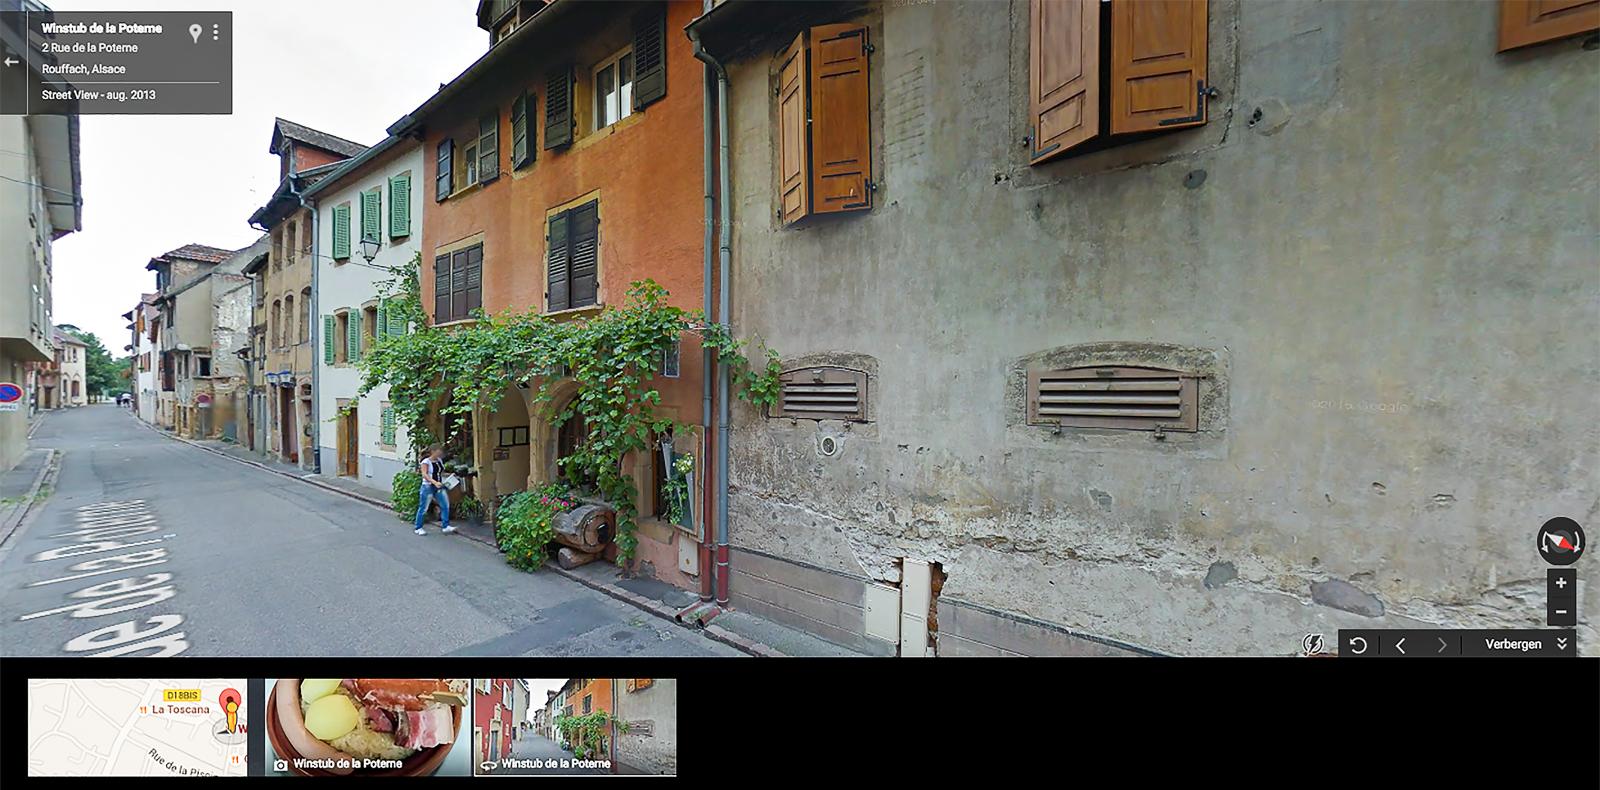 Dag01-Alsace-134-RestaurantLaPoterneFoto